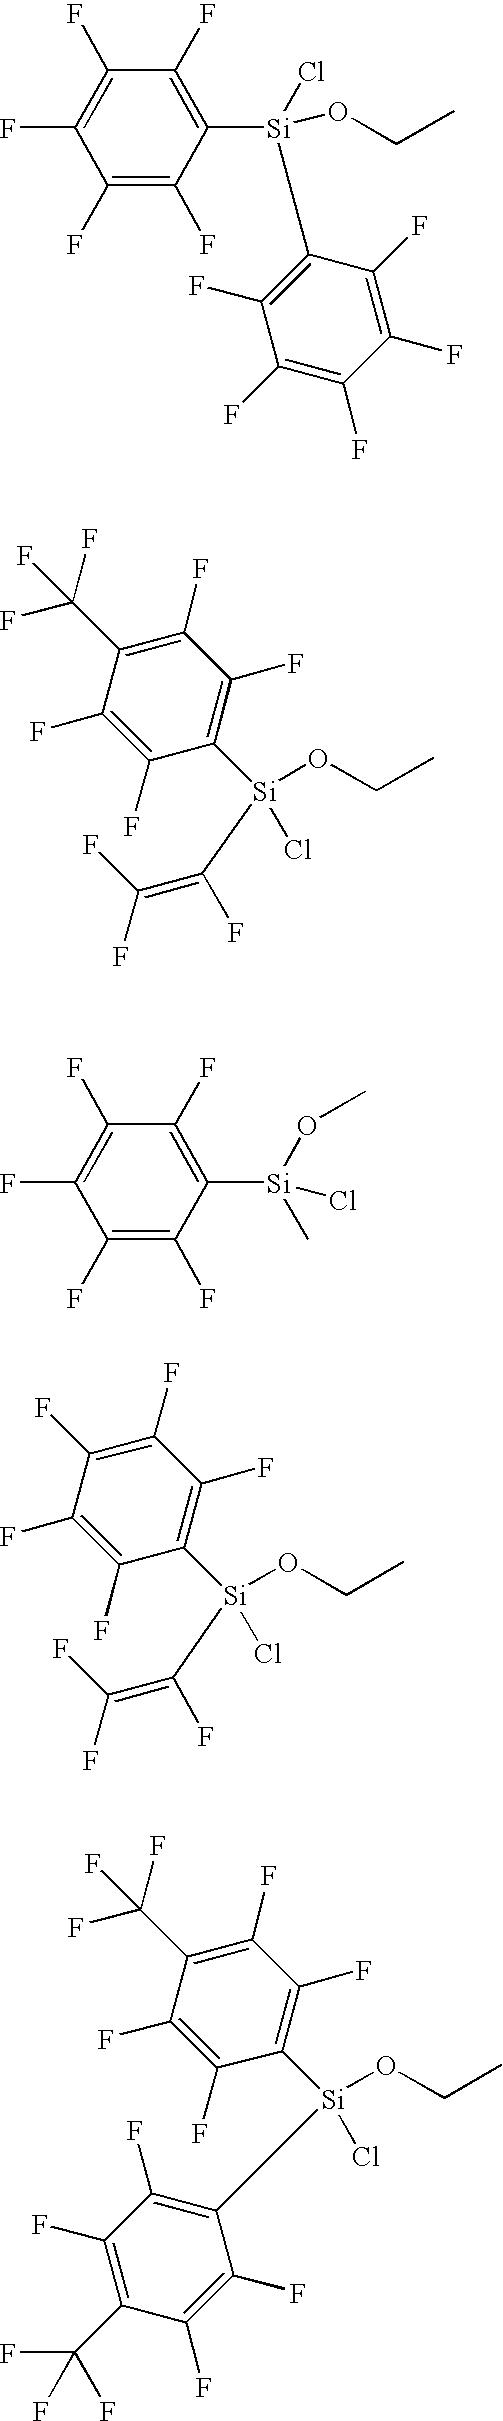 Figure US07144827-20061205-C00012